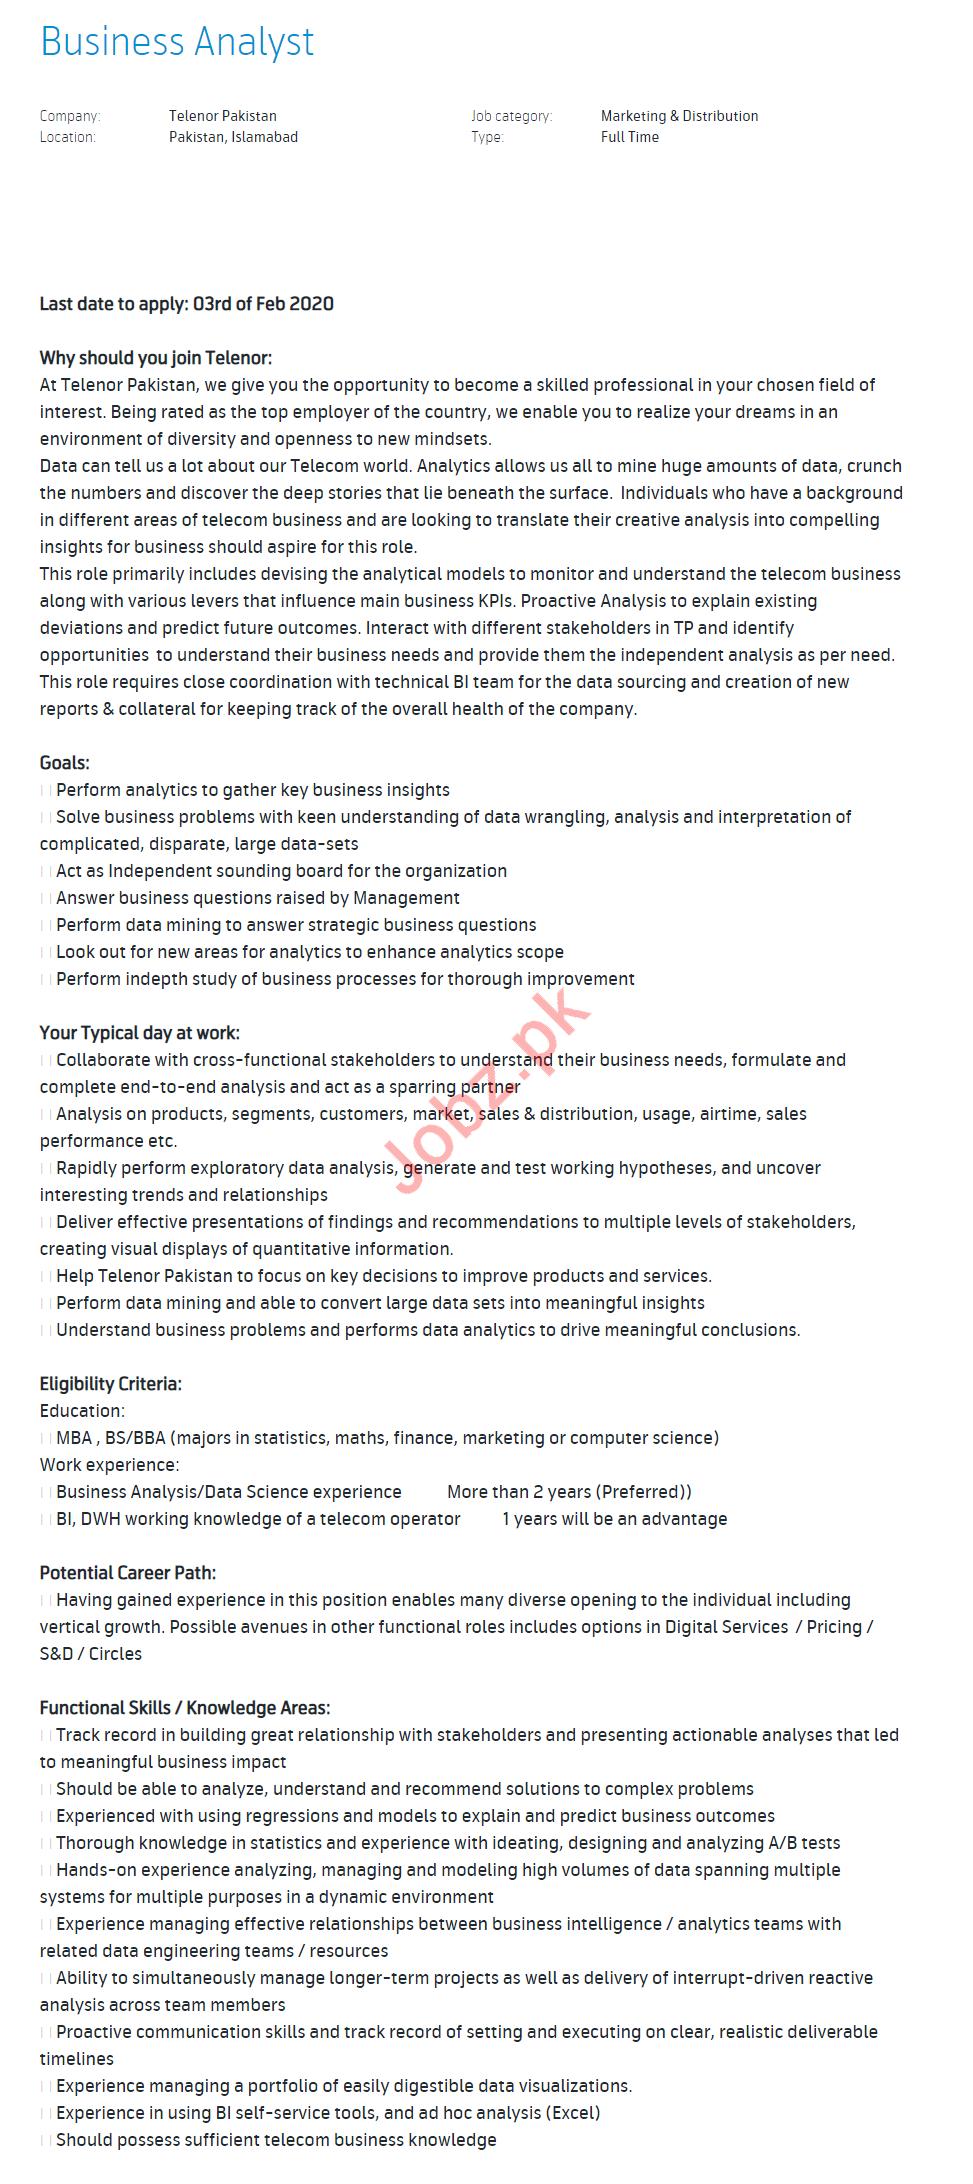 Business Analysat Jobs in Telenor Pakistan